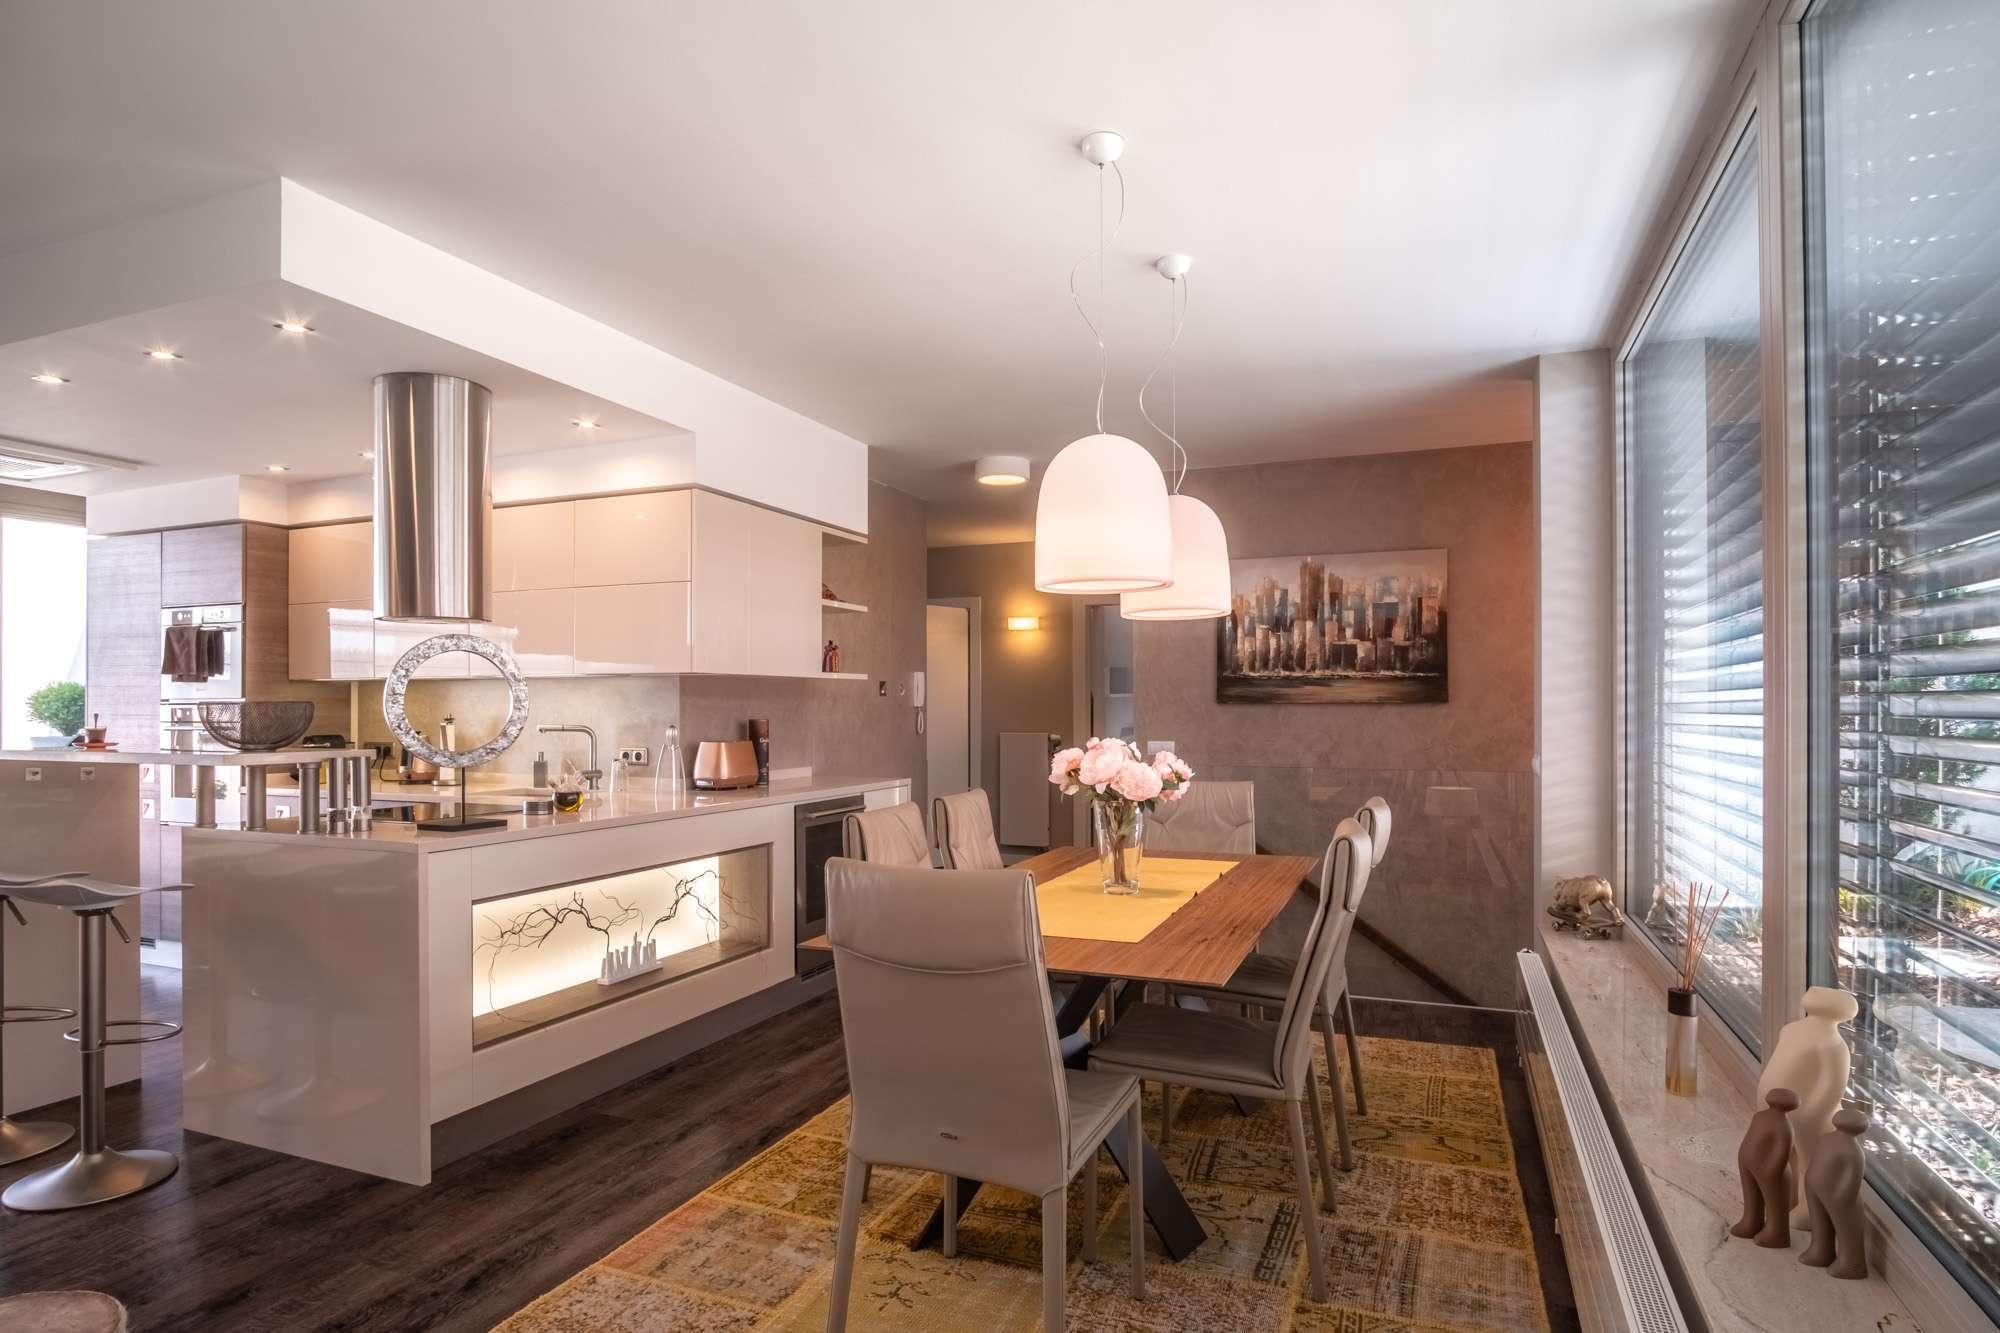 Návrh interiéru DECOLAND | Luxusní kuchyně